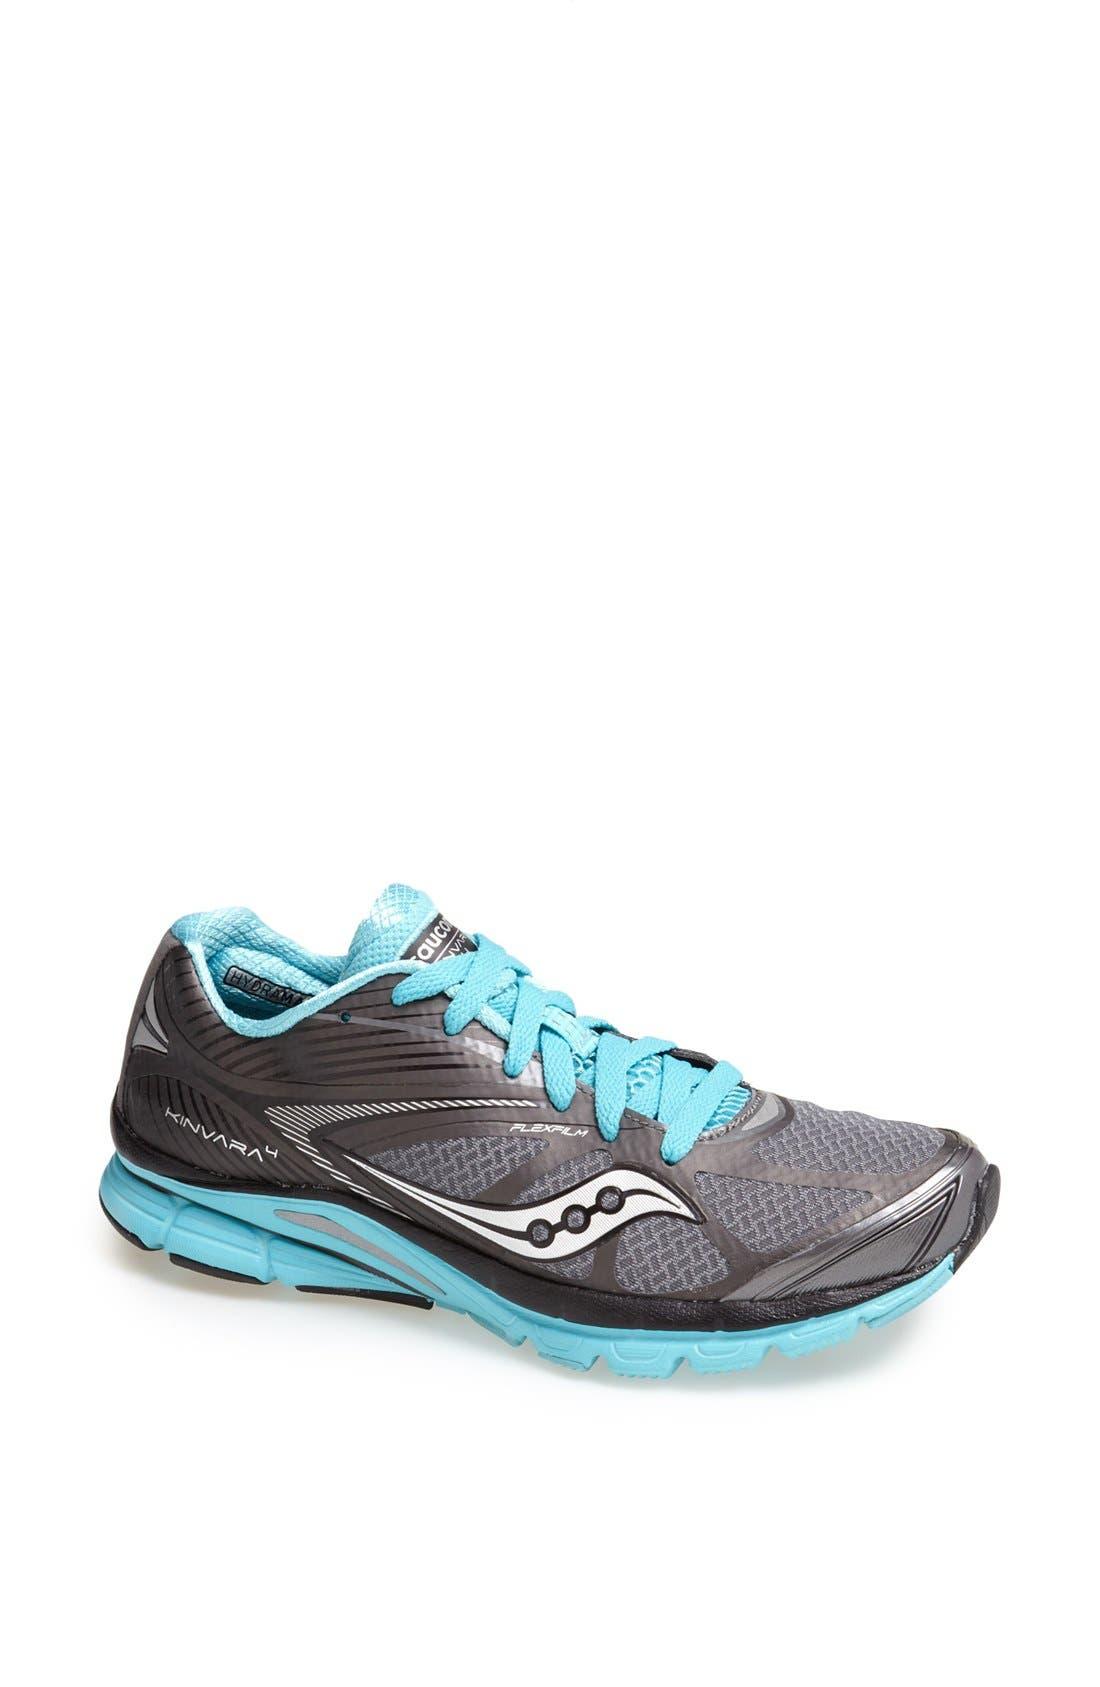 Main Image - Saucony 'Kinvara 4' Running Shoe (Women)